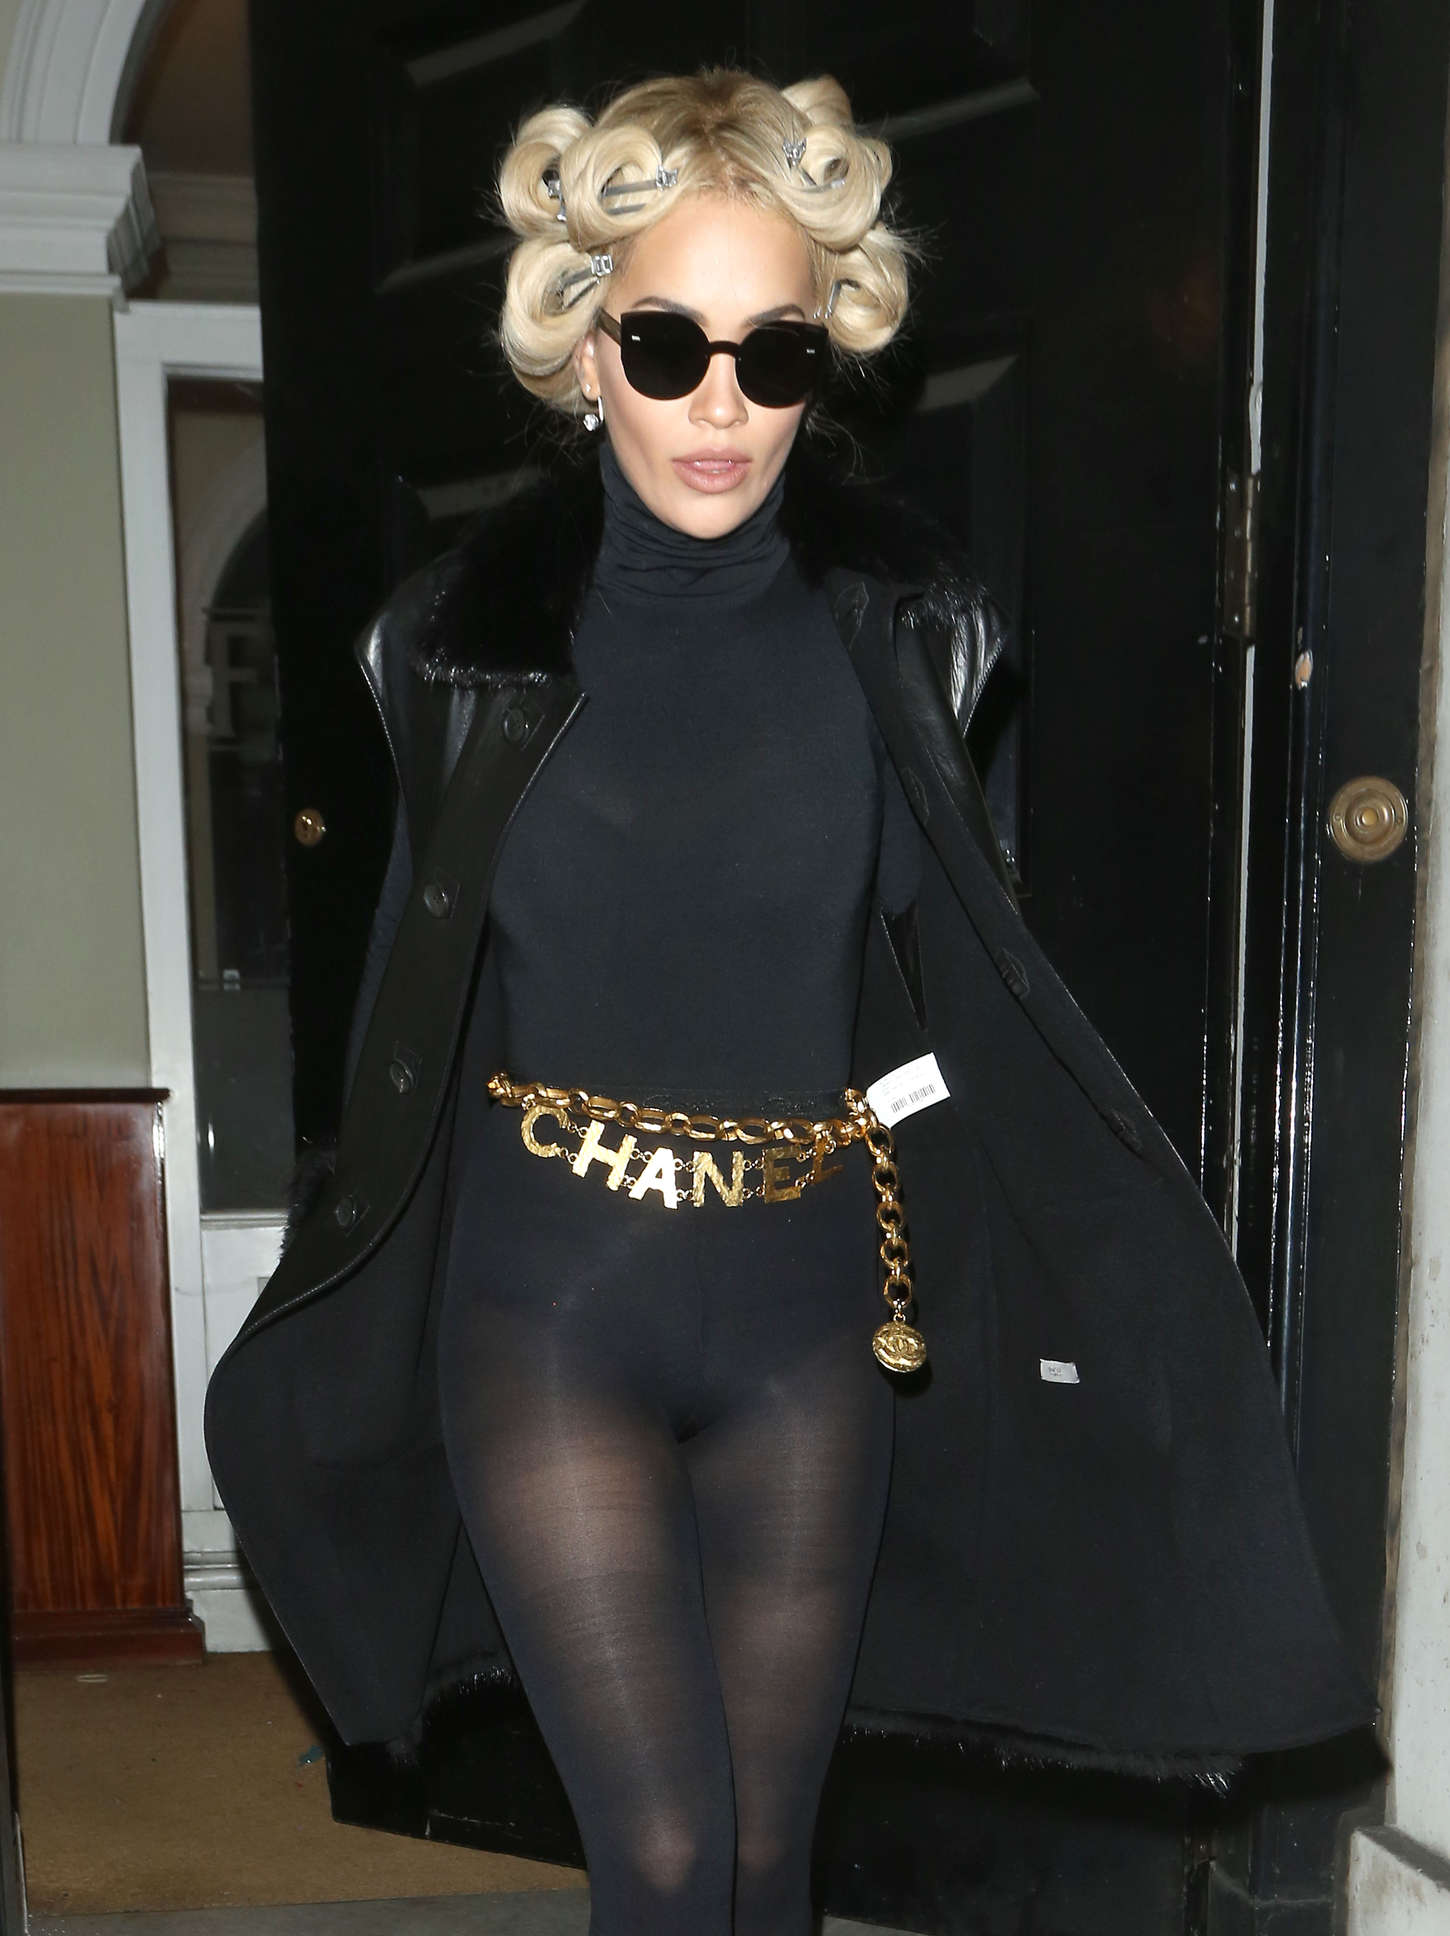 54831721d61 Rita Ora In a body stocking -21 – GotCeleb